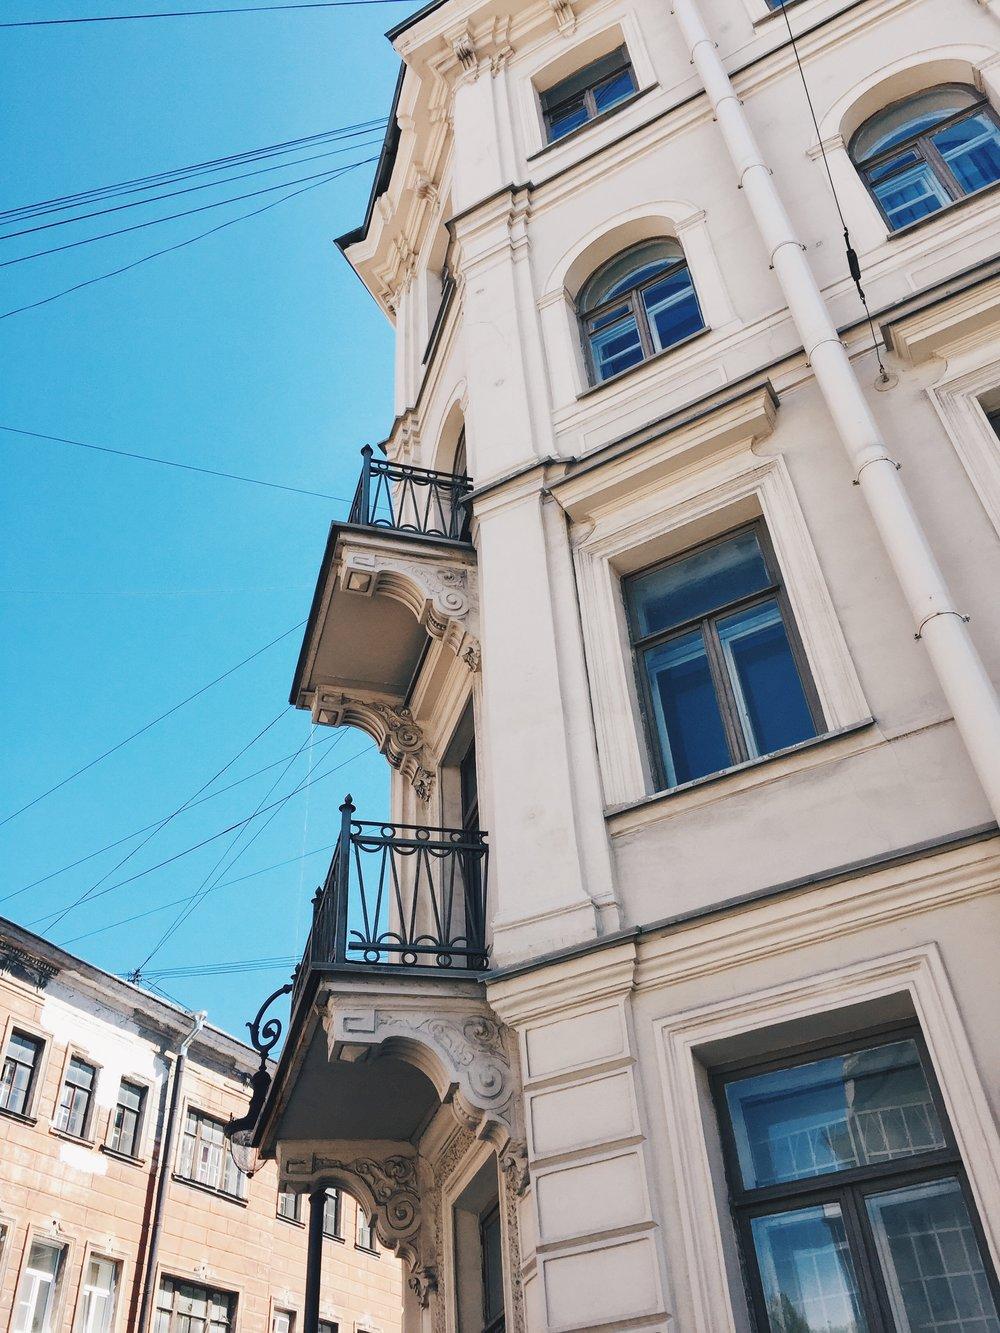 Dostoevsky's former home